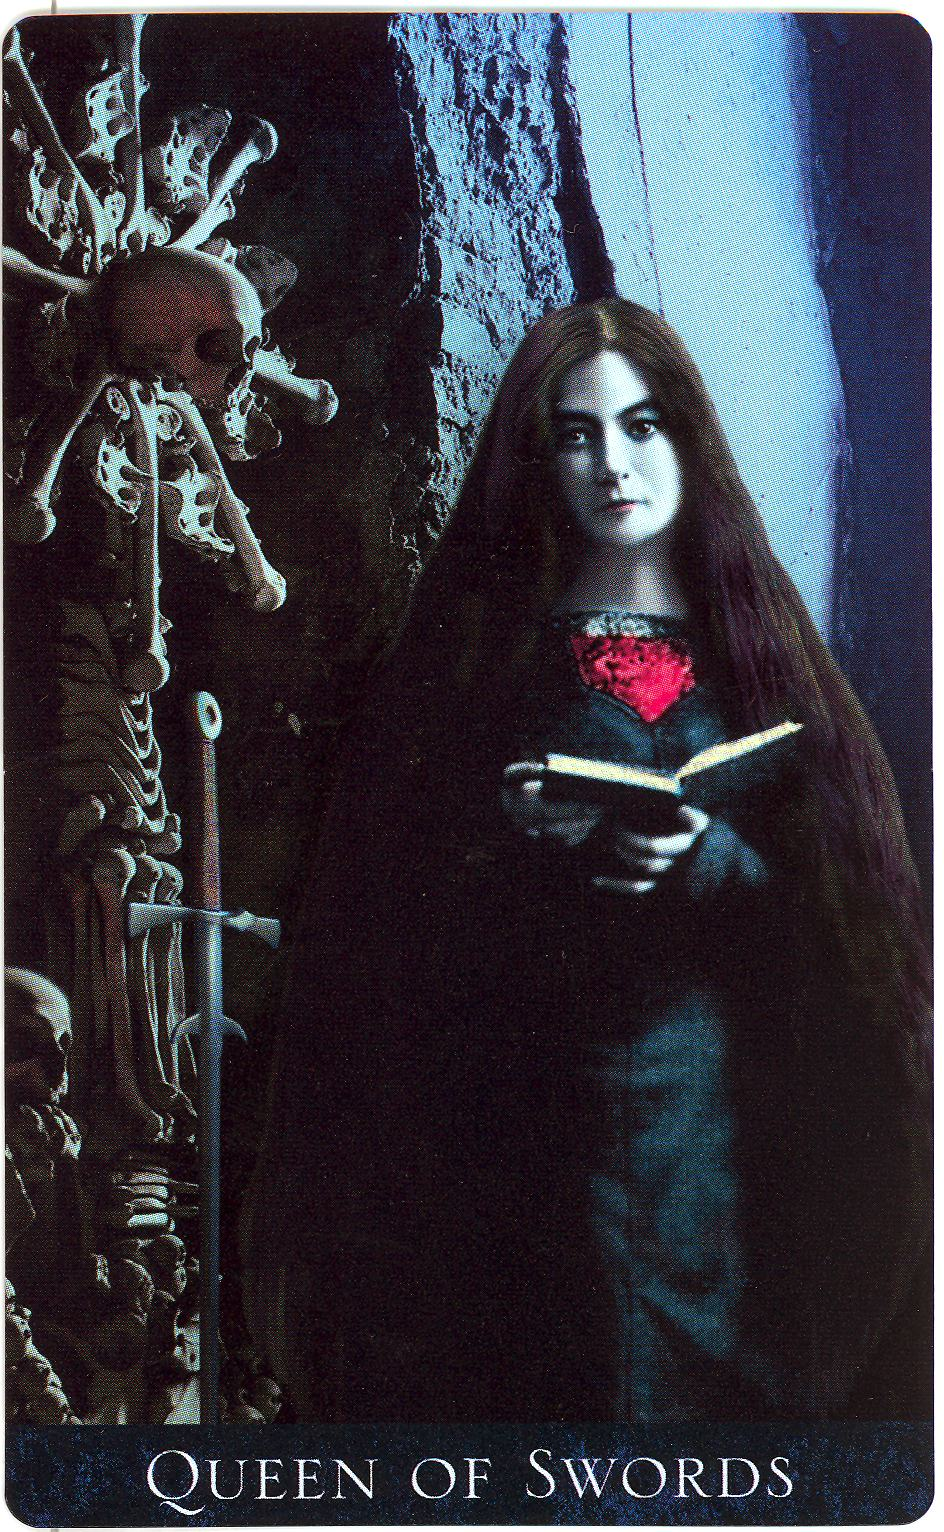 Queen Of Swords Tarot Art 16x20 Poster Print Psychedelic Gypsy: Inner Whispers: Bad Rep Well Deserved? Queen Of Swords